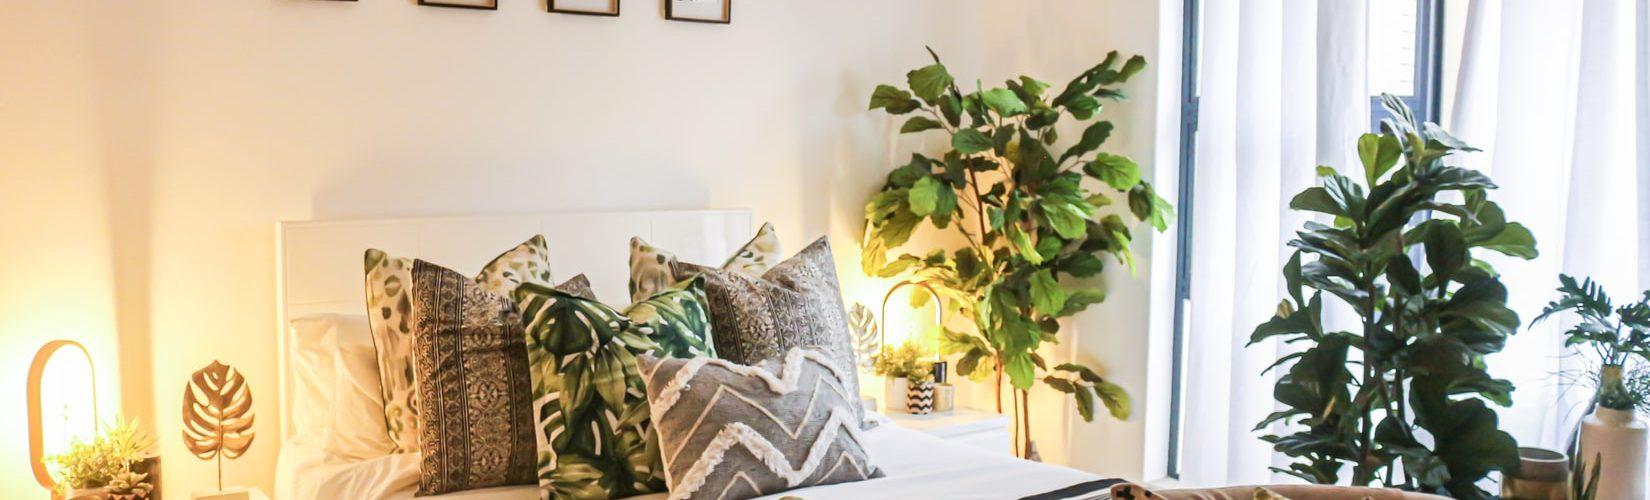 slaapkamer-dekbedovertrek